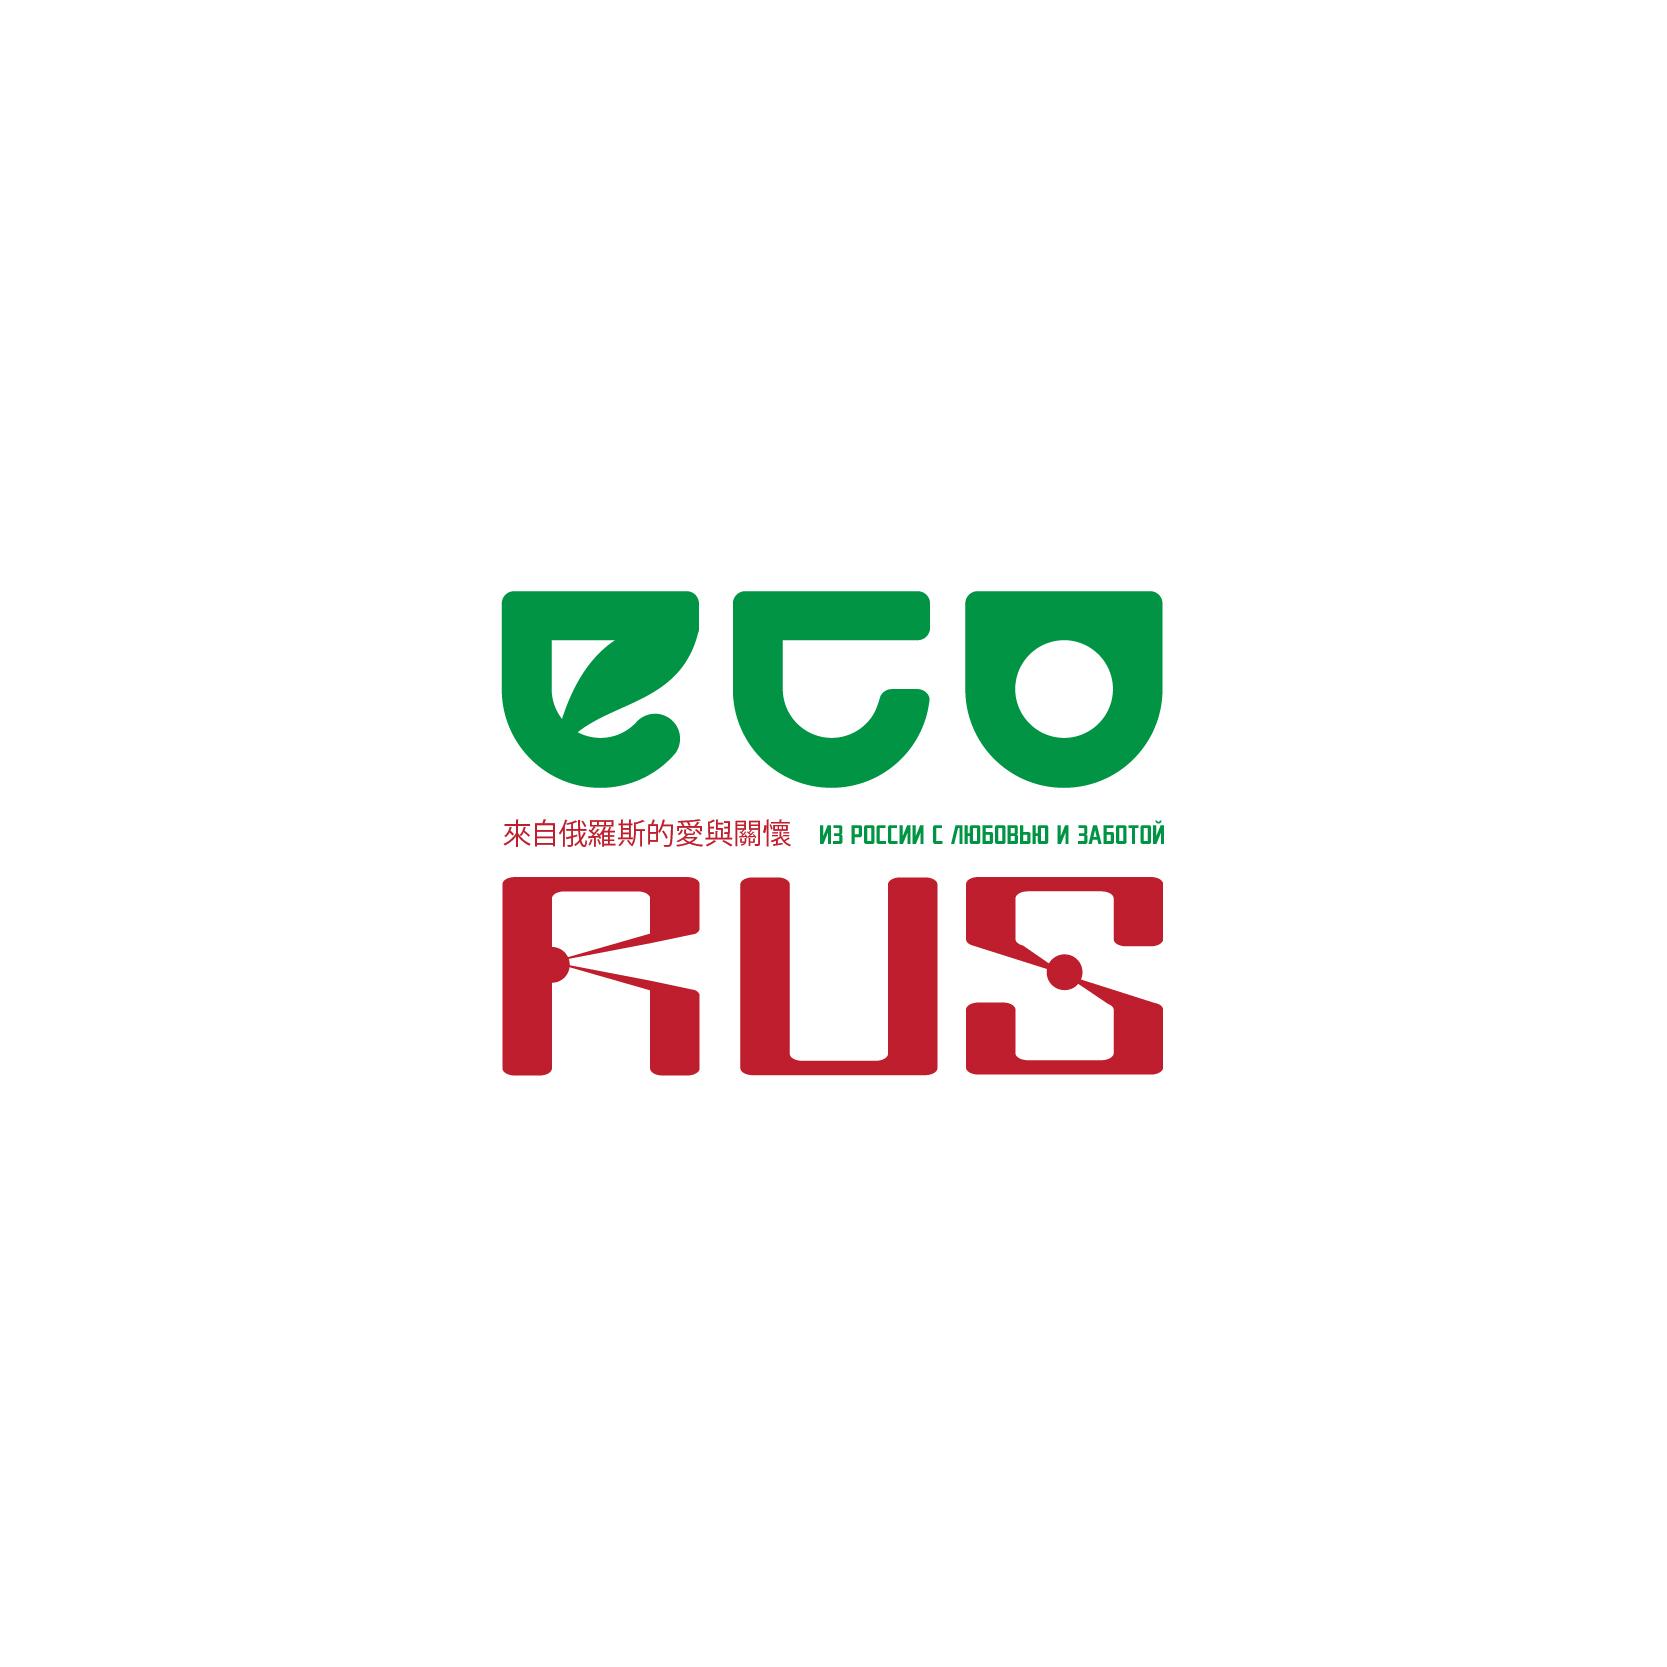 Логотип для поставщика продуктов питания из России в Китай фото f_6855ebd624cb24a5.jpg